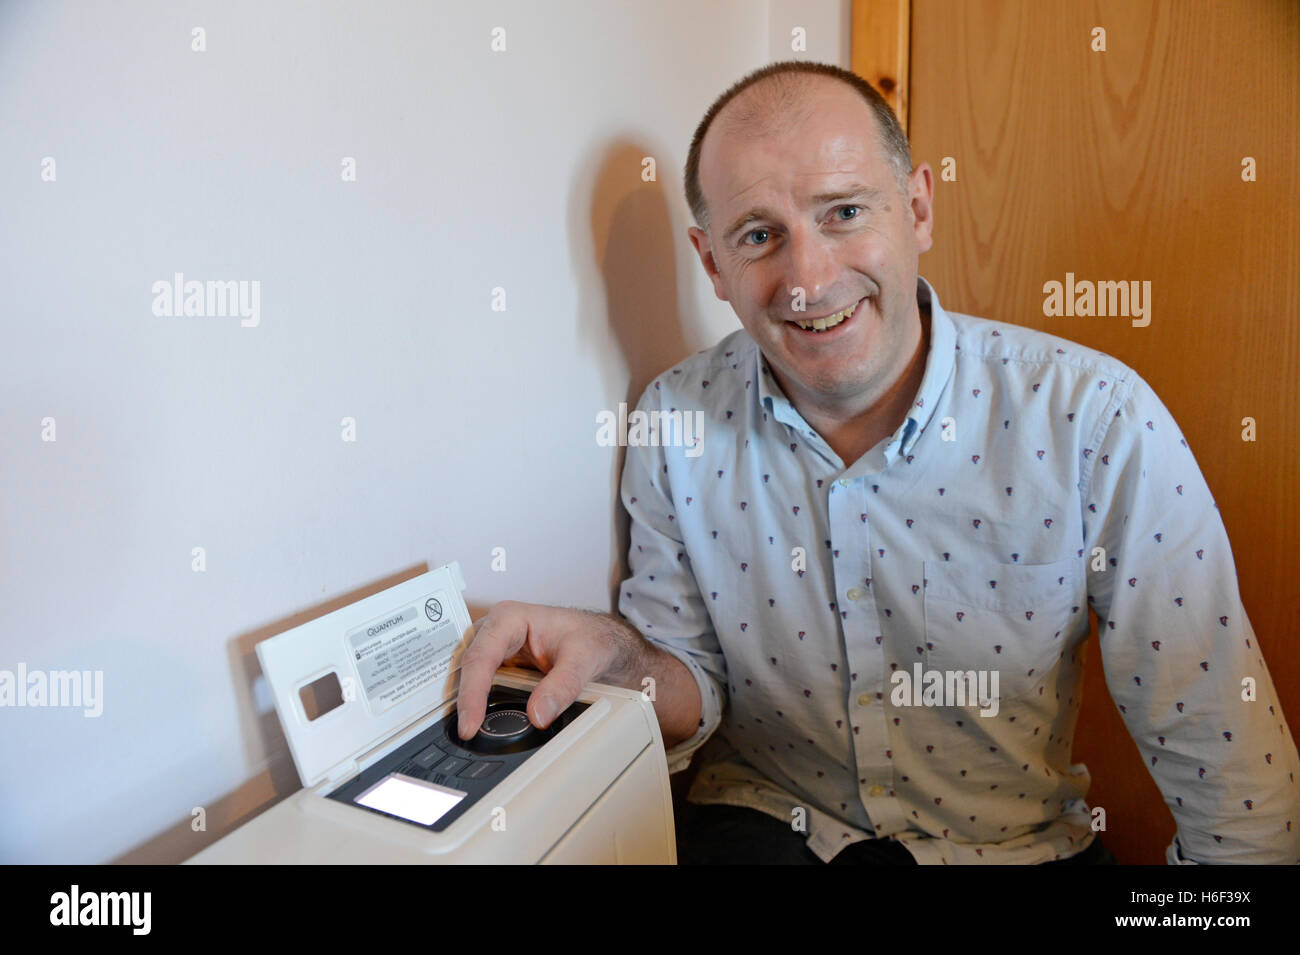 Nuit Dimplex accumulateurs de chaleur et d'eau chaude dans des logements privés de sauvegarde système Photo Stock